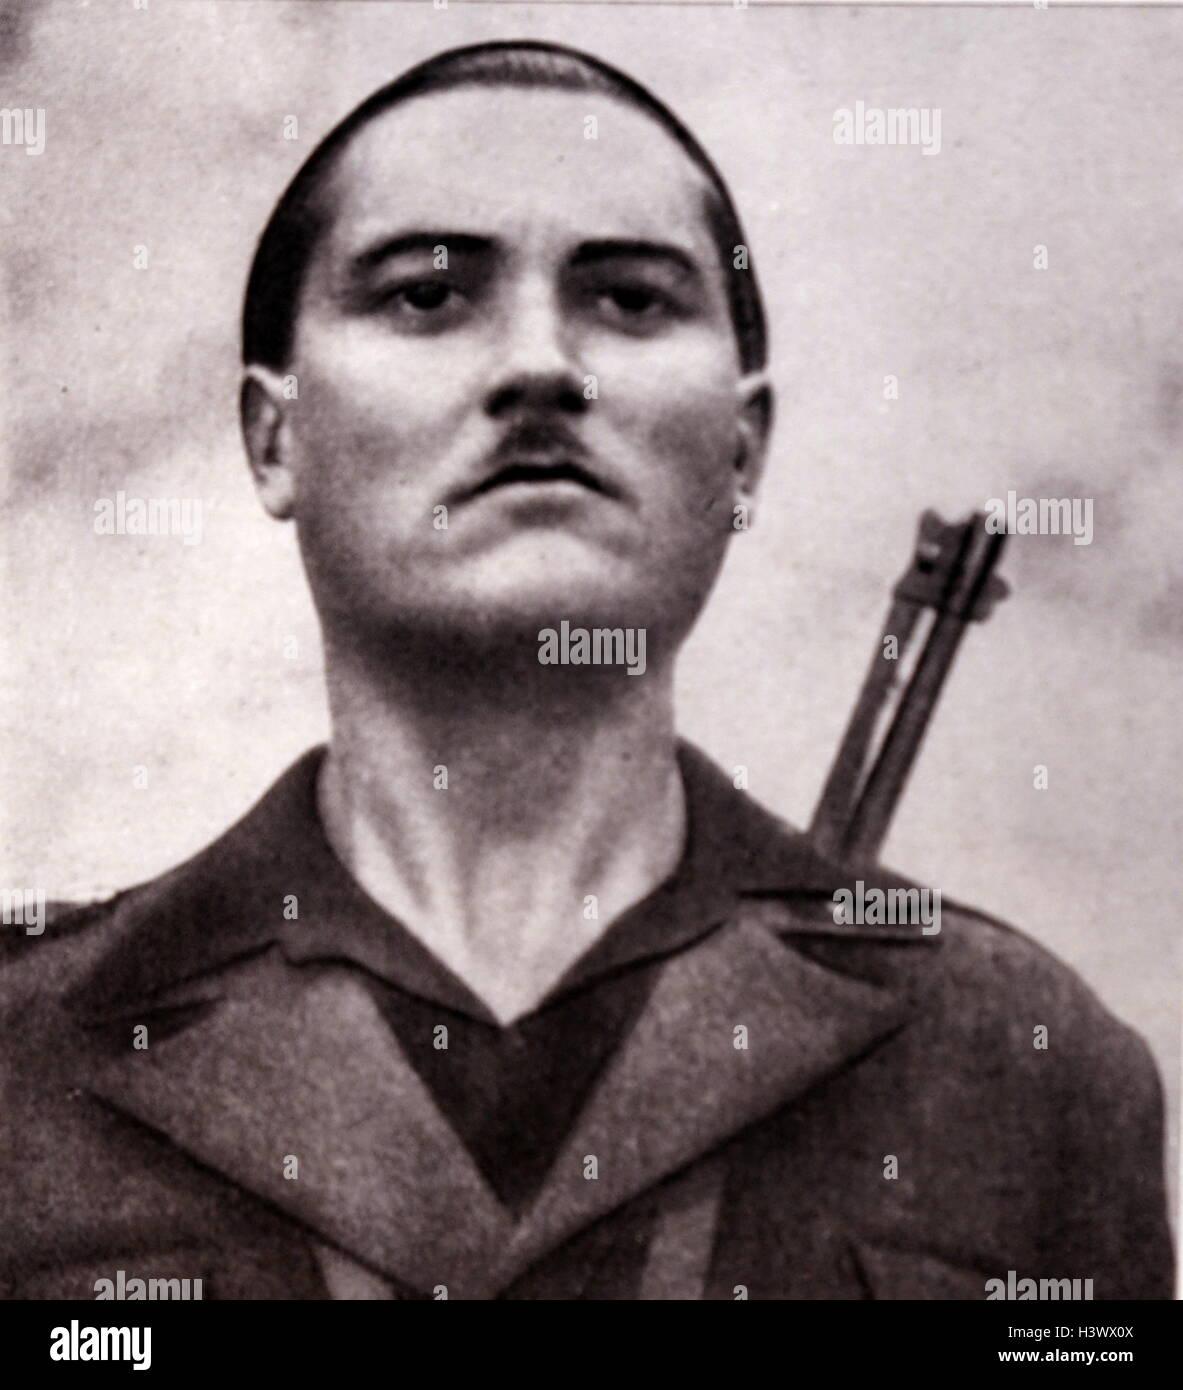 La propaganda italiana postal de un miembro de la milicia fascista armado 1936 Imagen De Stock